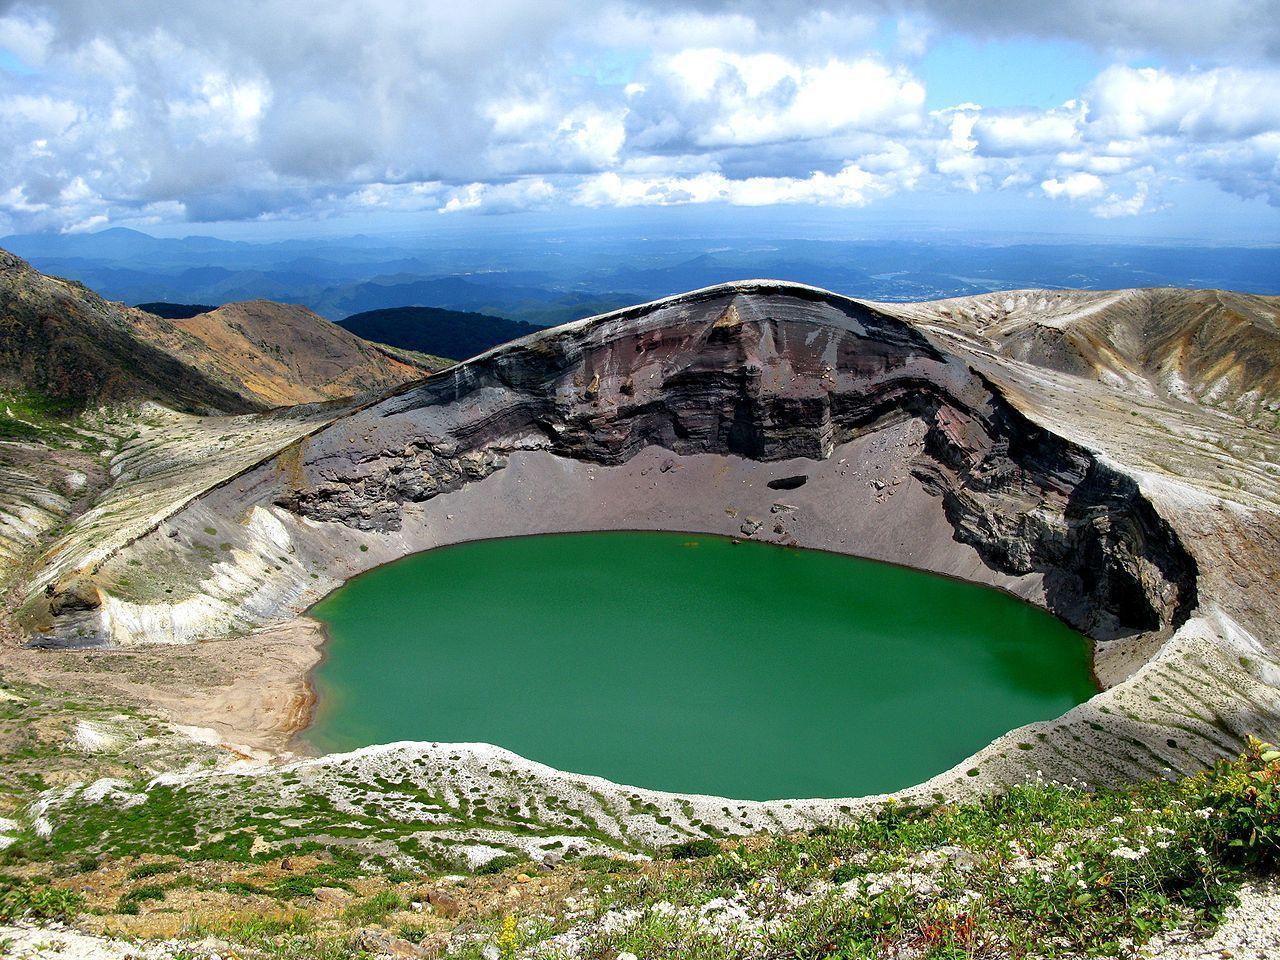 Le cratère est appelé okama à cause de sa forme, ce qui signifie marmite.© Pierre Gunther